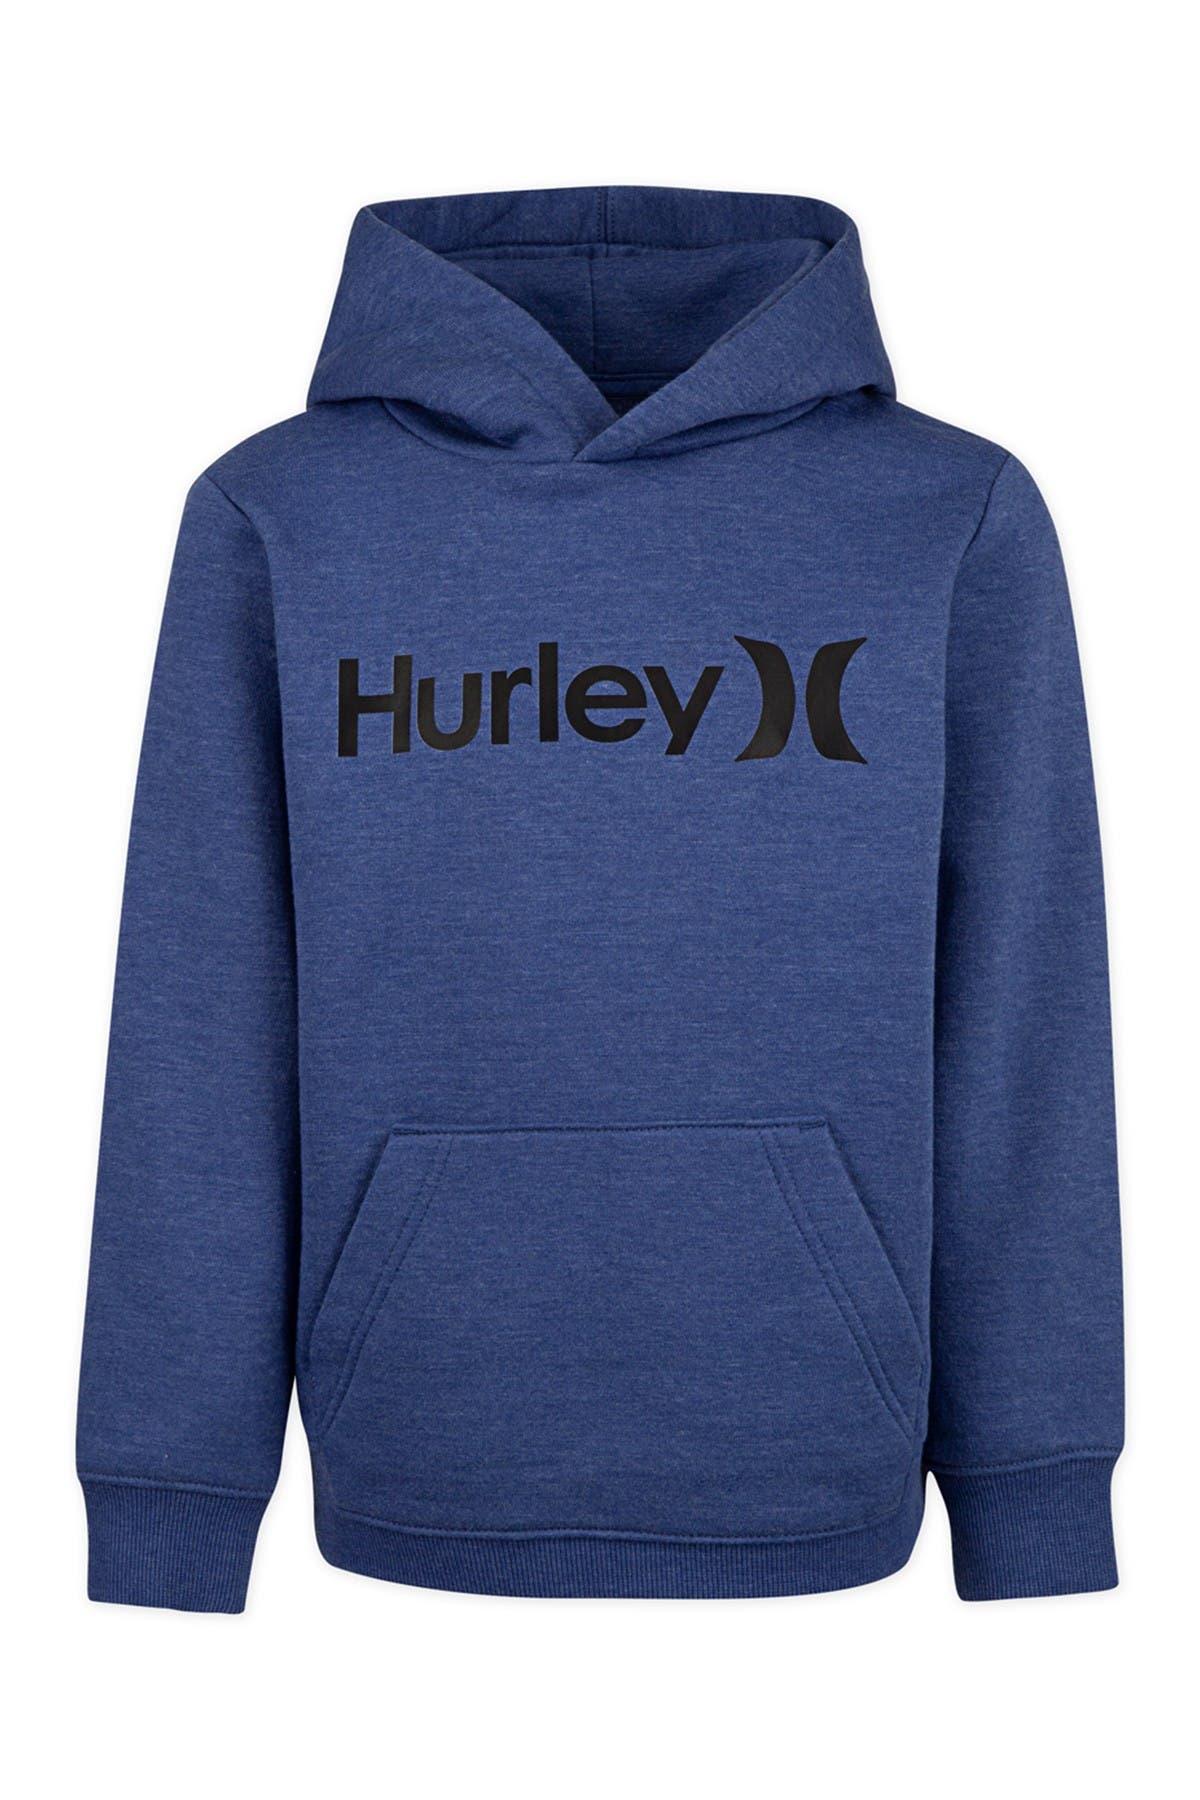 Image of Hurley Core Fleece Pullover Hoodie